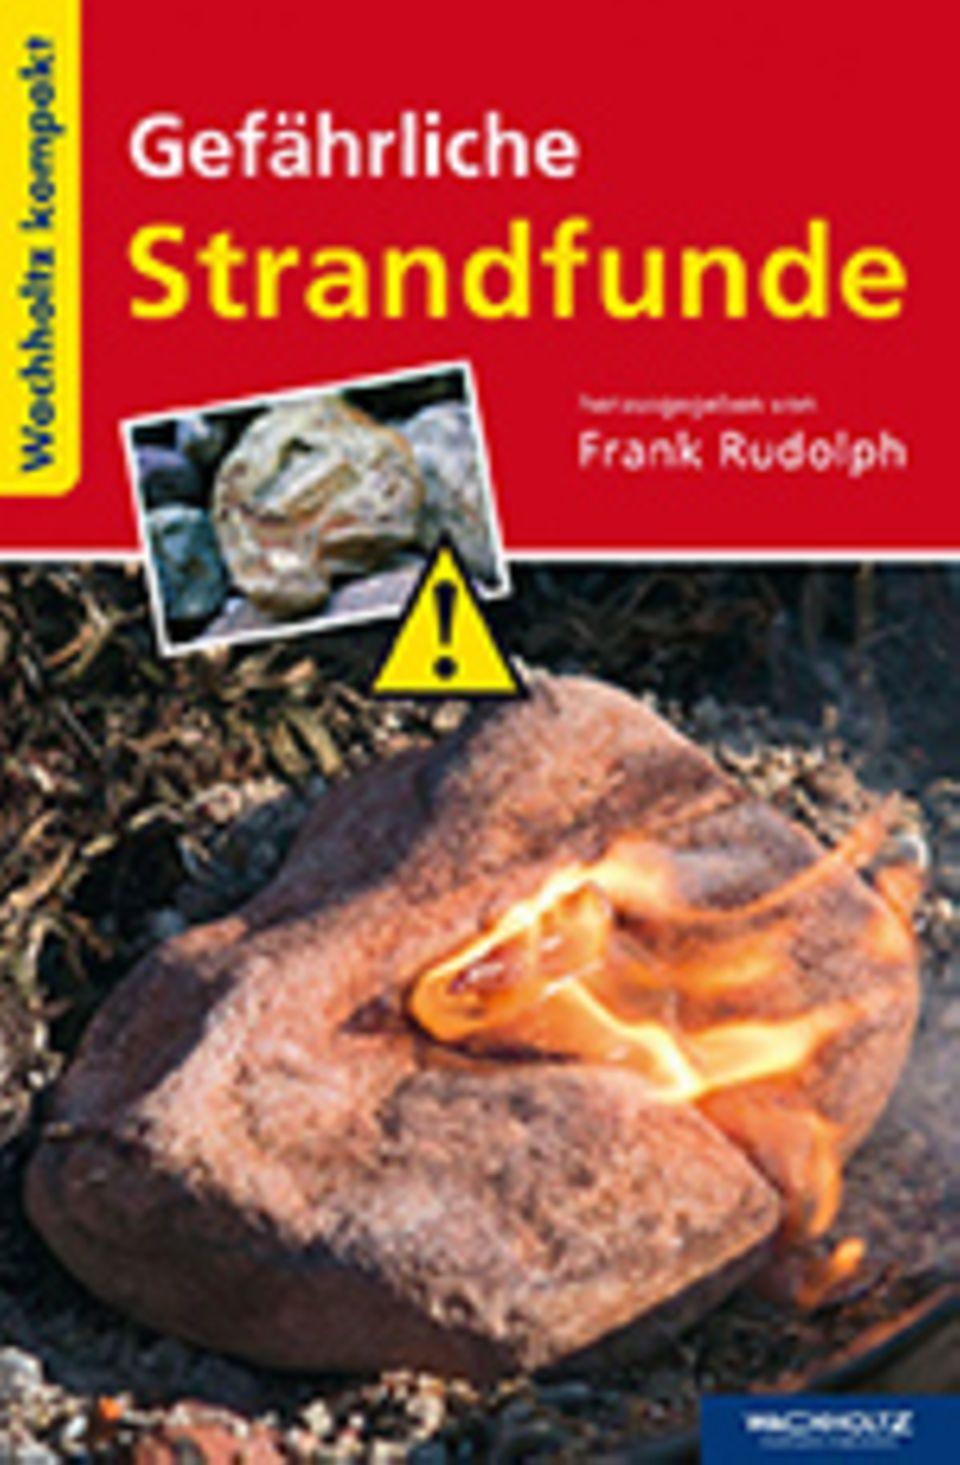 Kein Bernstein, sondern Phosphor: Frank Rudolph (Hg.) Gefährliche Strandfunde Wachholtz Verlag 2015 96 S., 7,90 Euro